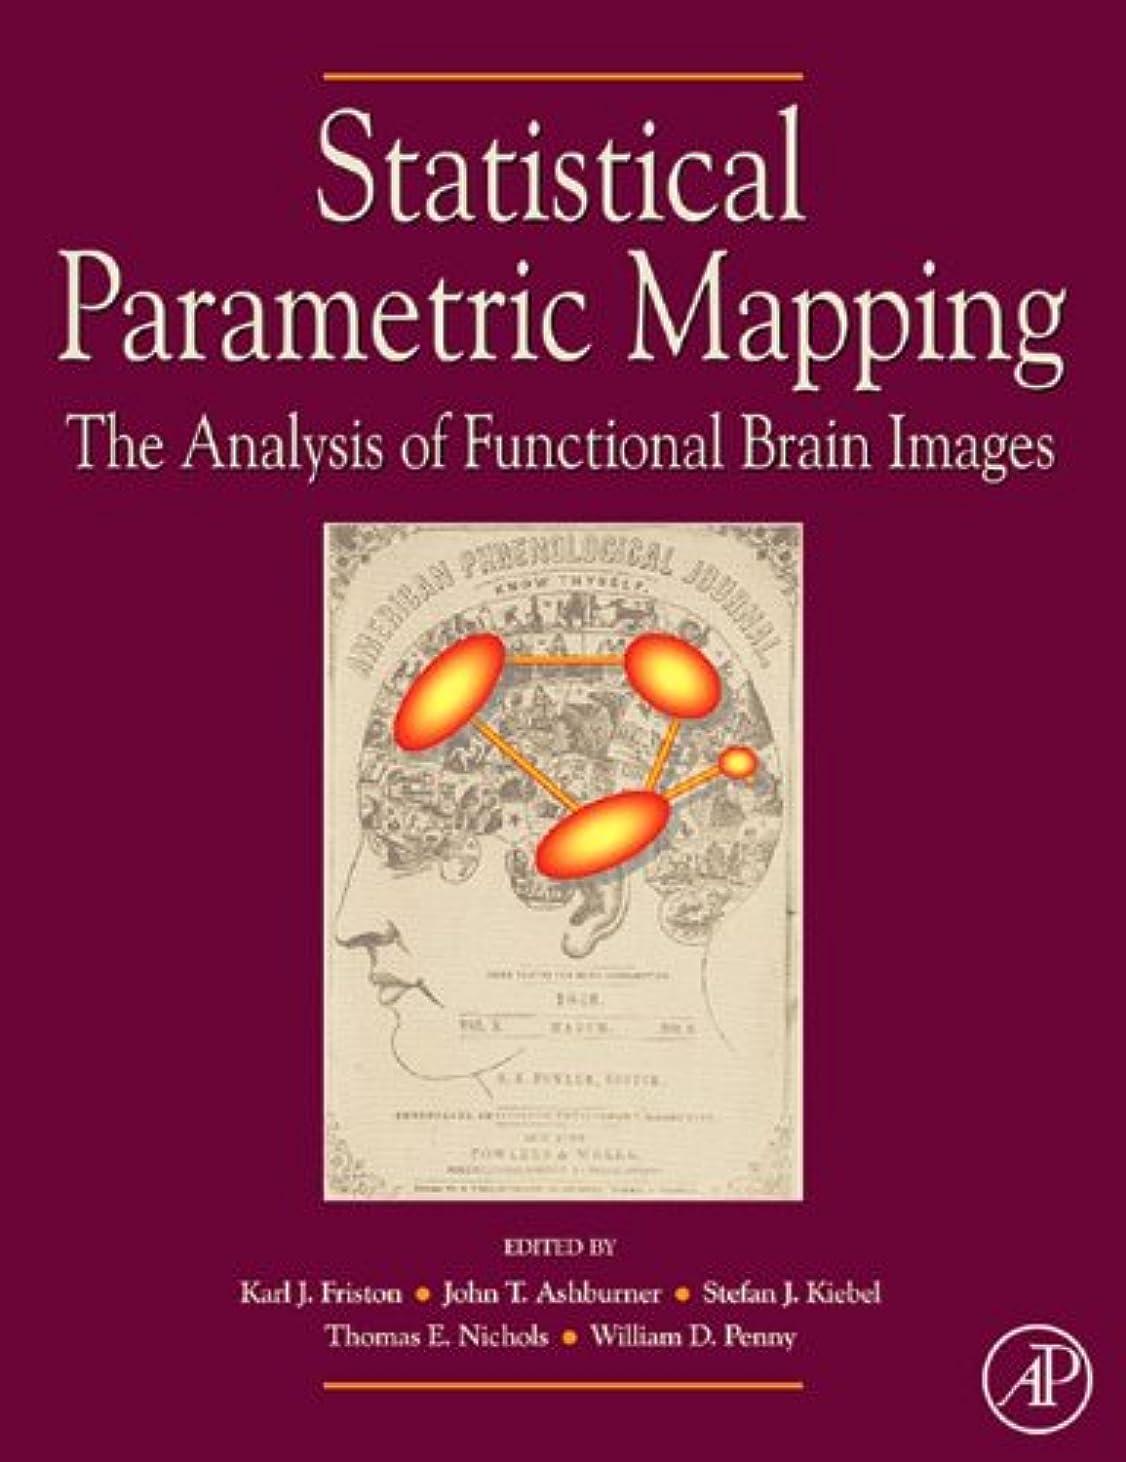 狂人農夫しなければならないStatistical Parametric Mapping: The Analysis of Functional Brain Images (English Edition)